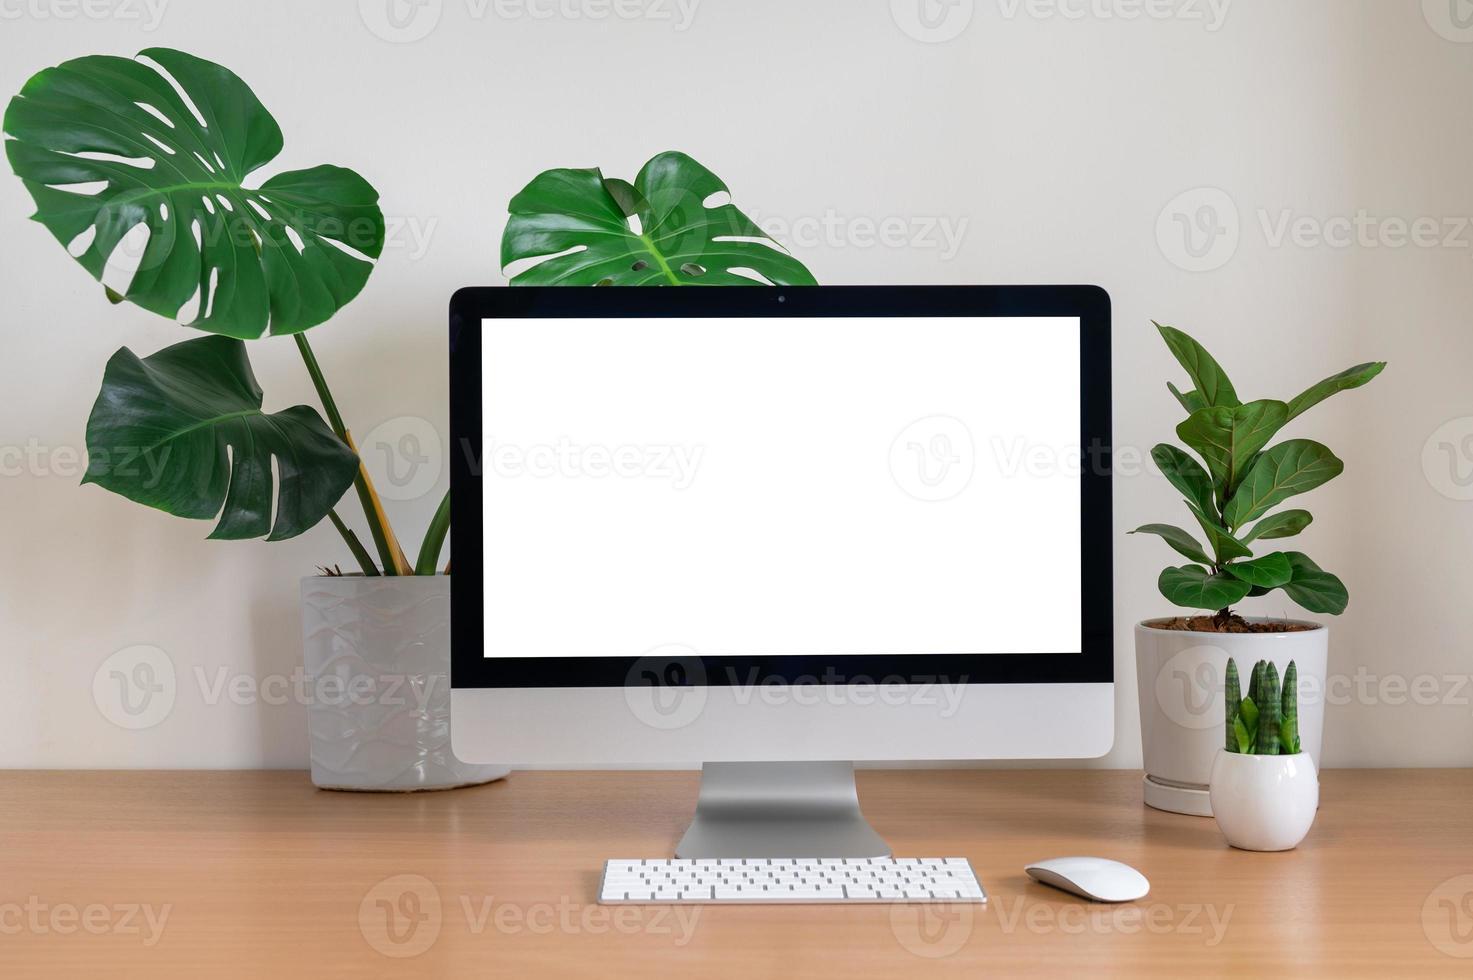 mesa com computador e plantas foto